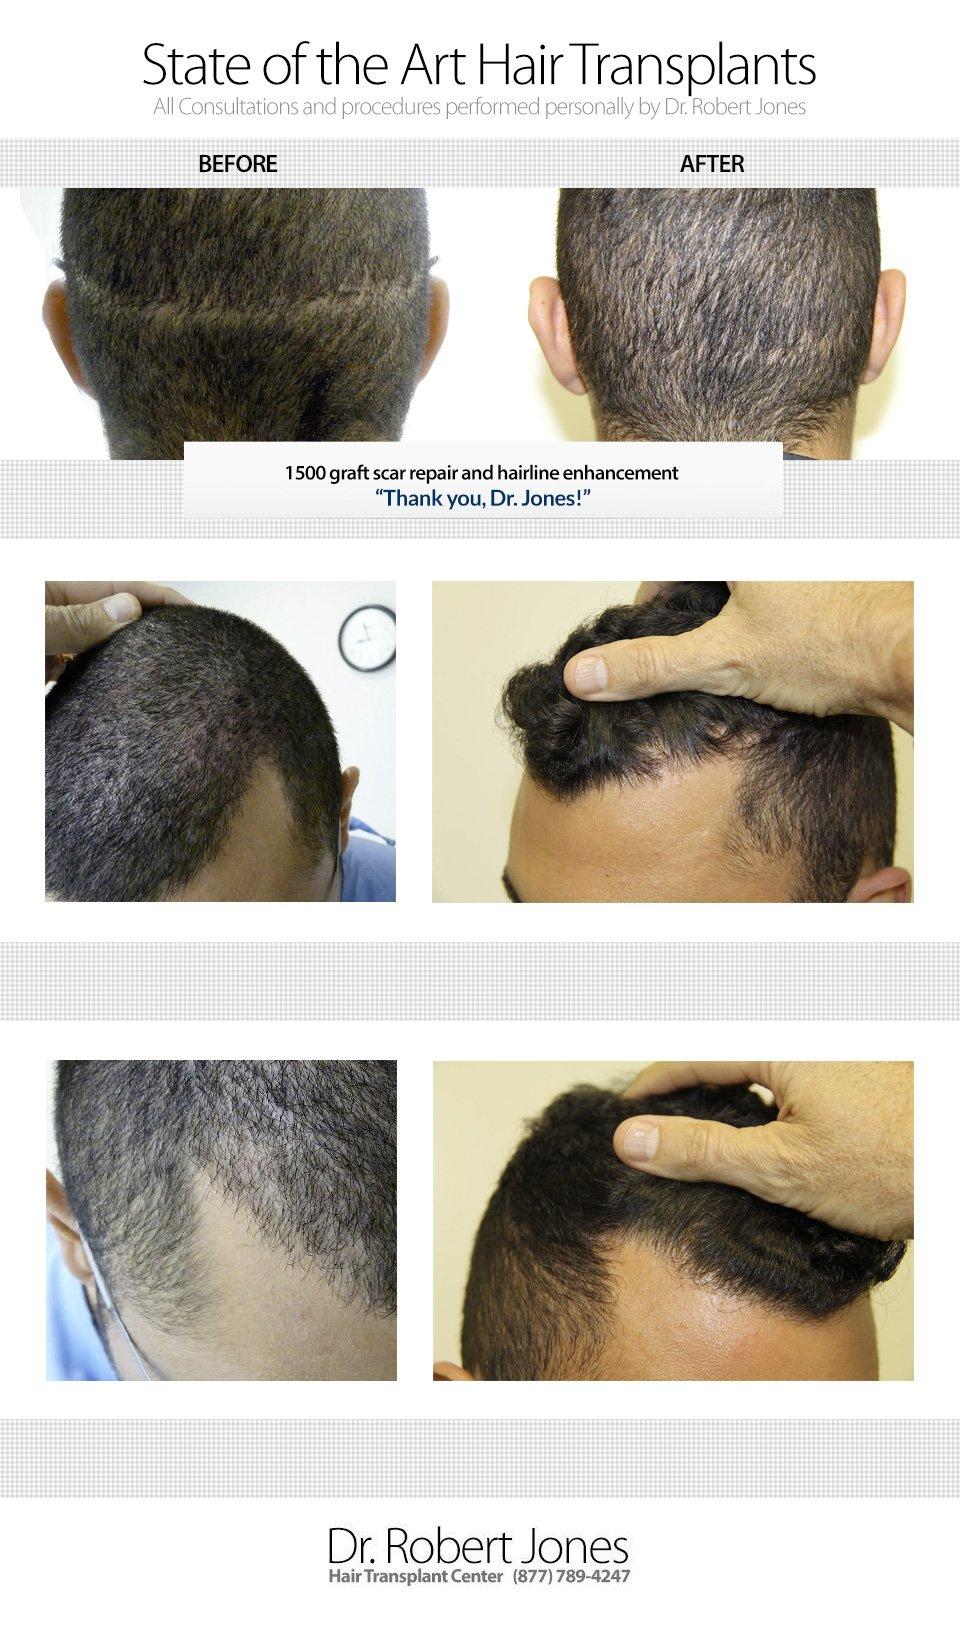 2014-10-10-1500-graft-scar-repair-and-hairline-enh-img-1